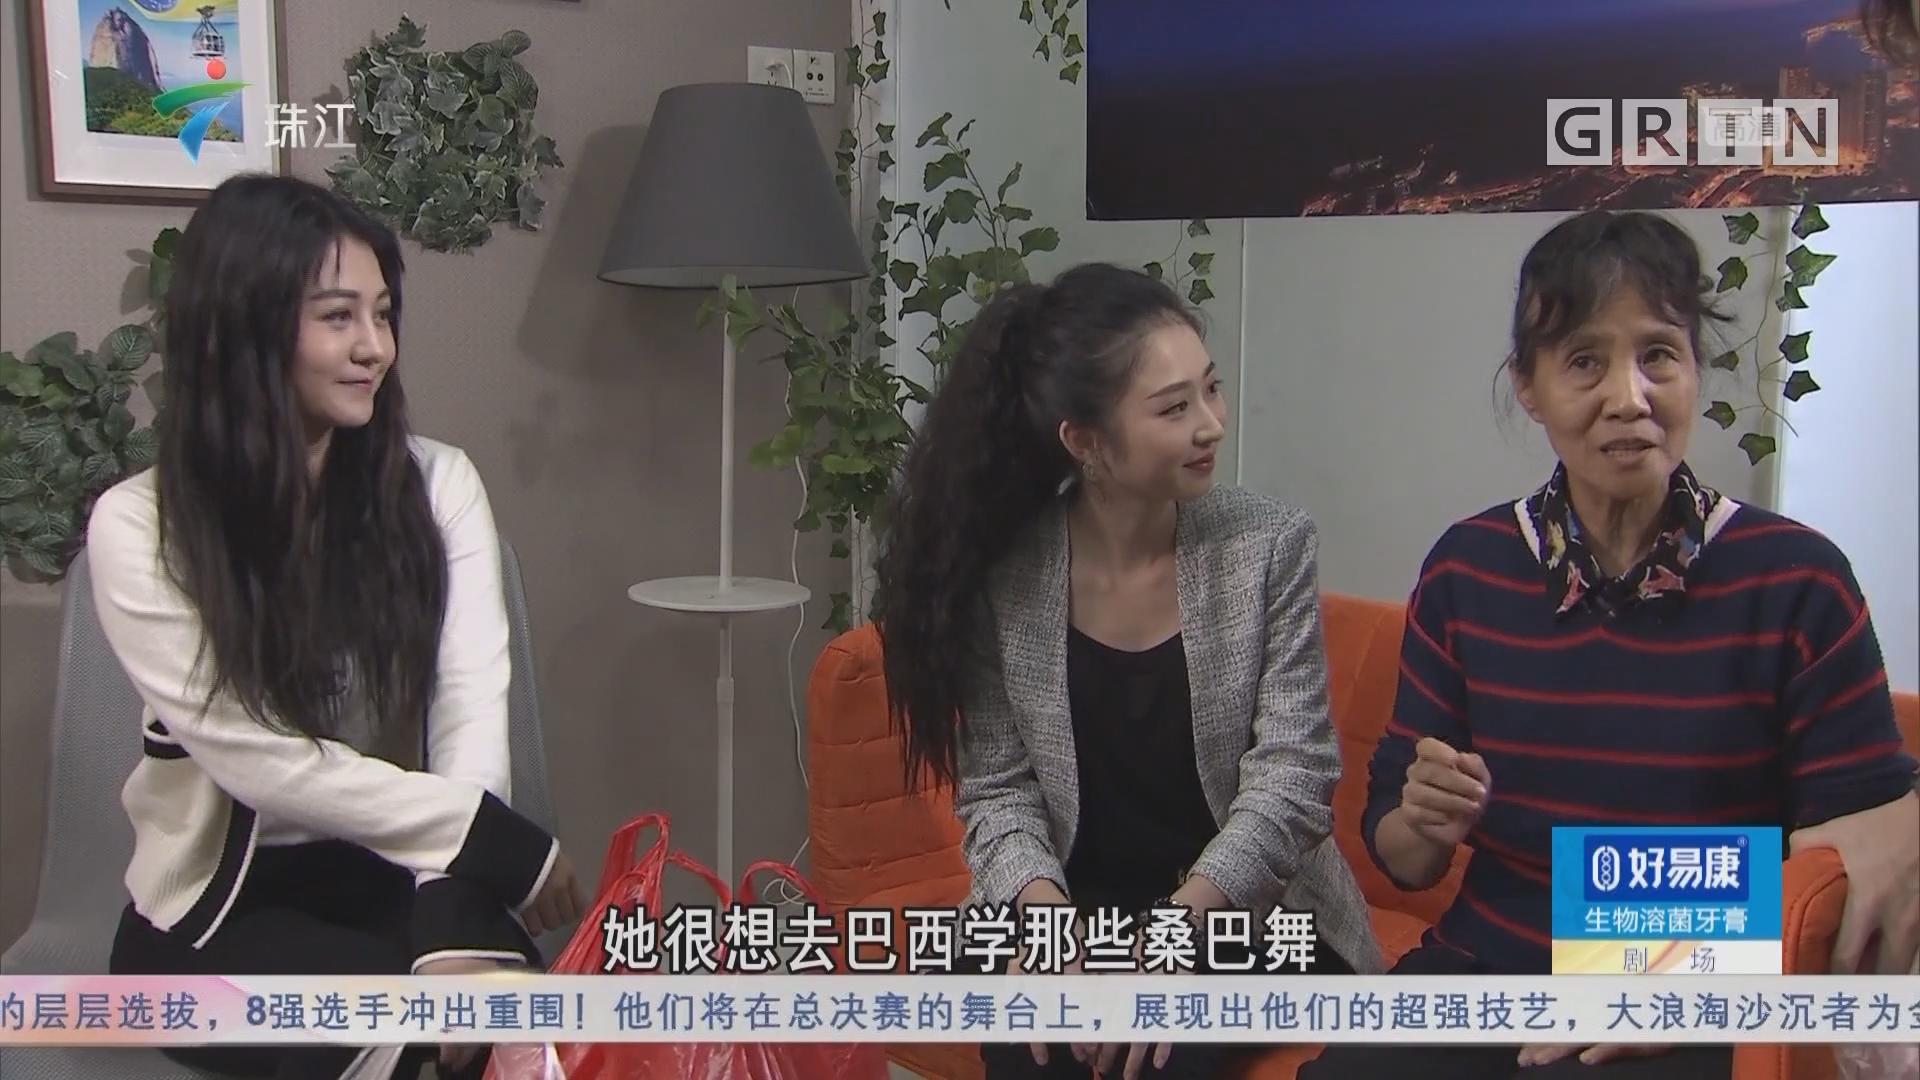 [HD][2019-01-27]外来媳妇本地郎:锦旗代表我的心(下)